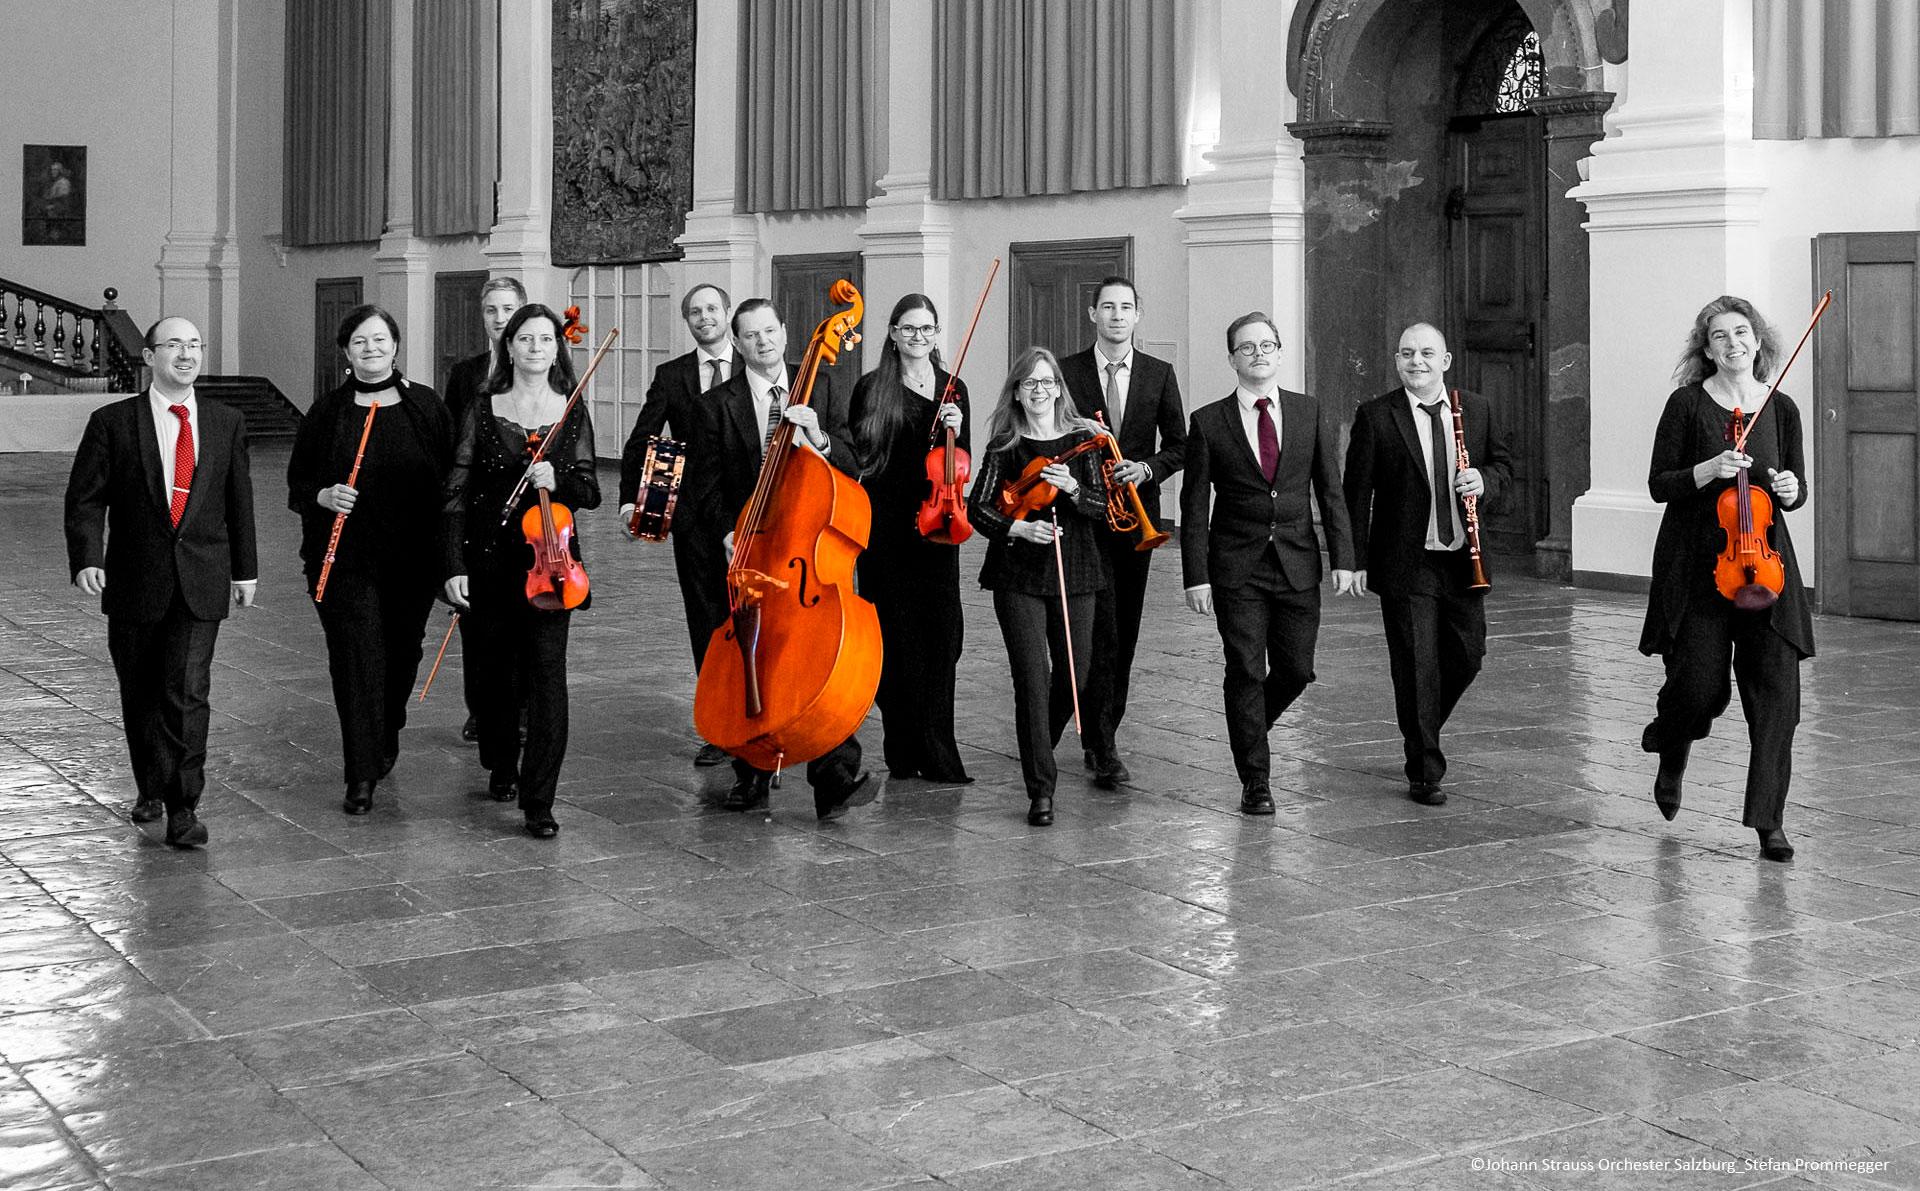 Das Johann Strauss Orchester Salzburg in der alten fürsterzbischöfliche Residenz in Salzburg